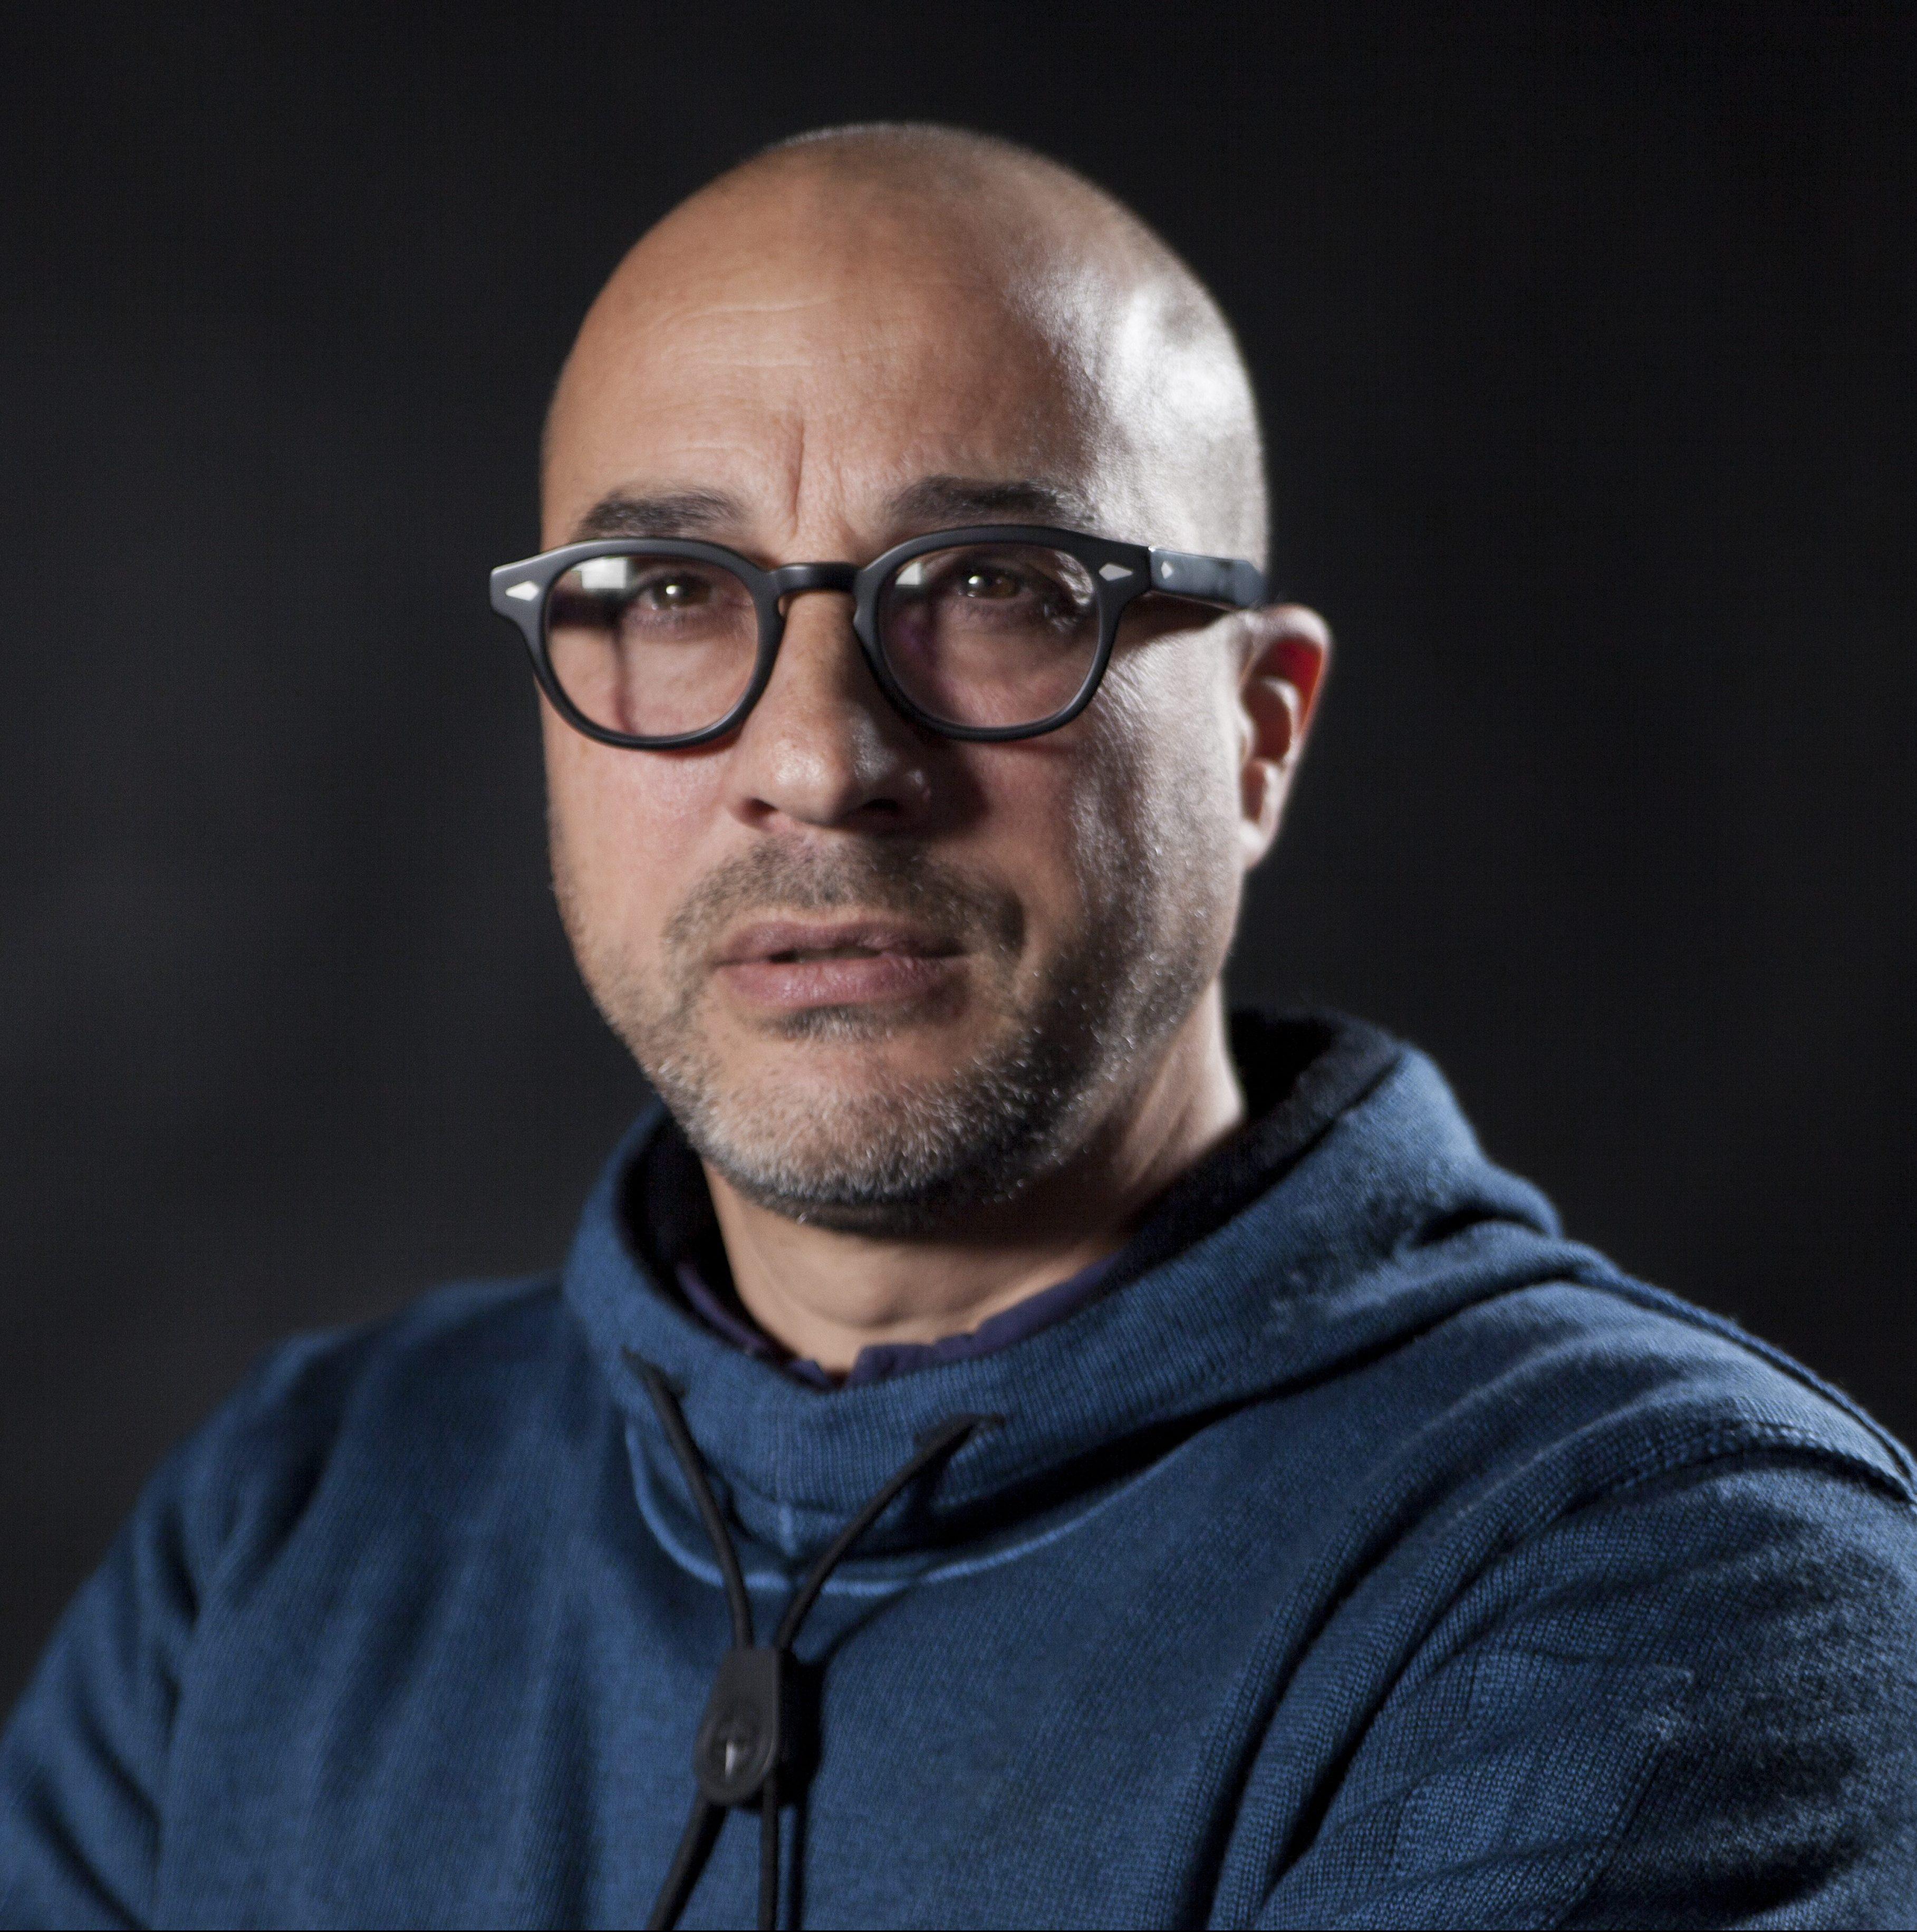 Fabrizio Storaro